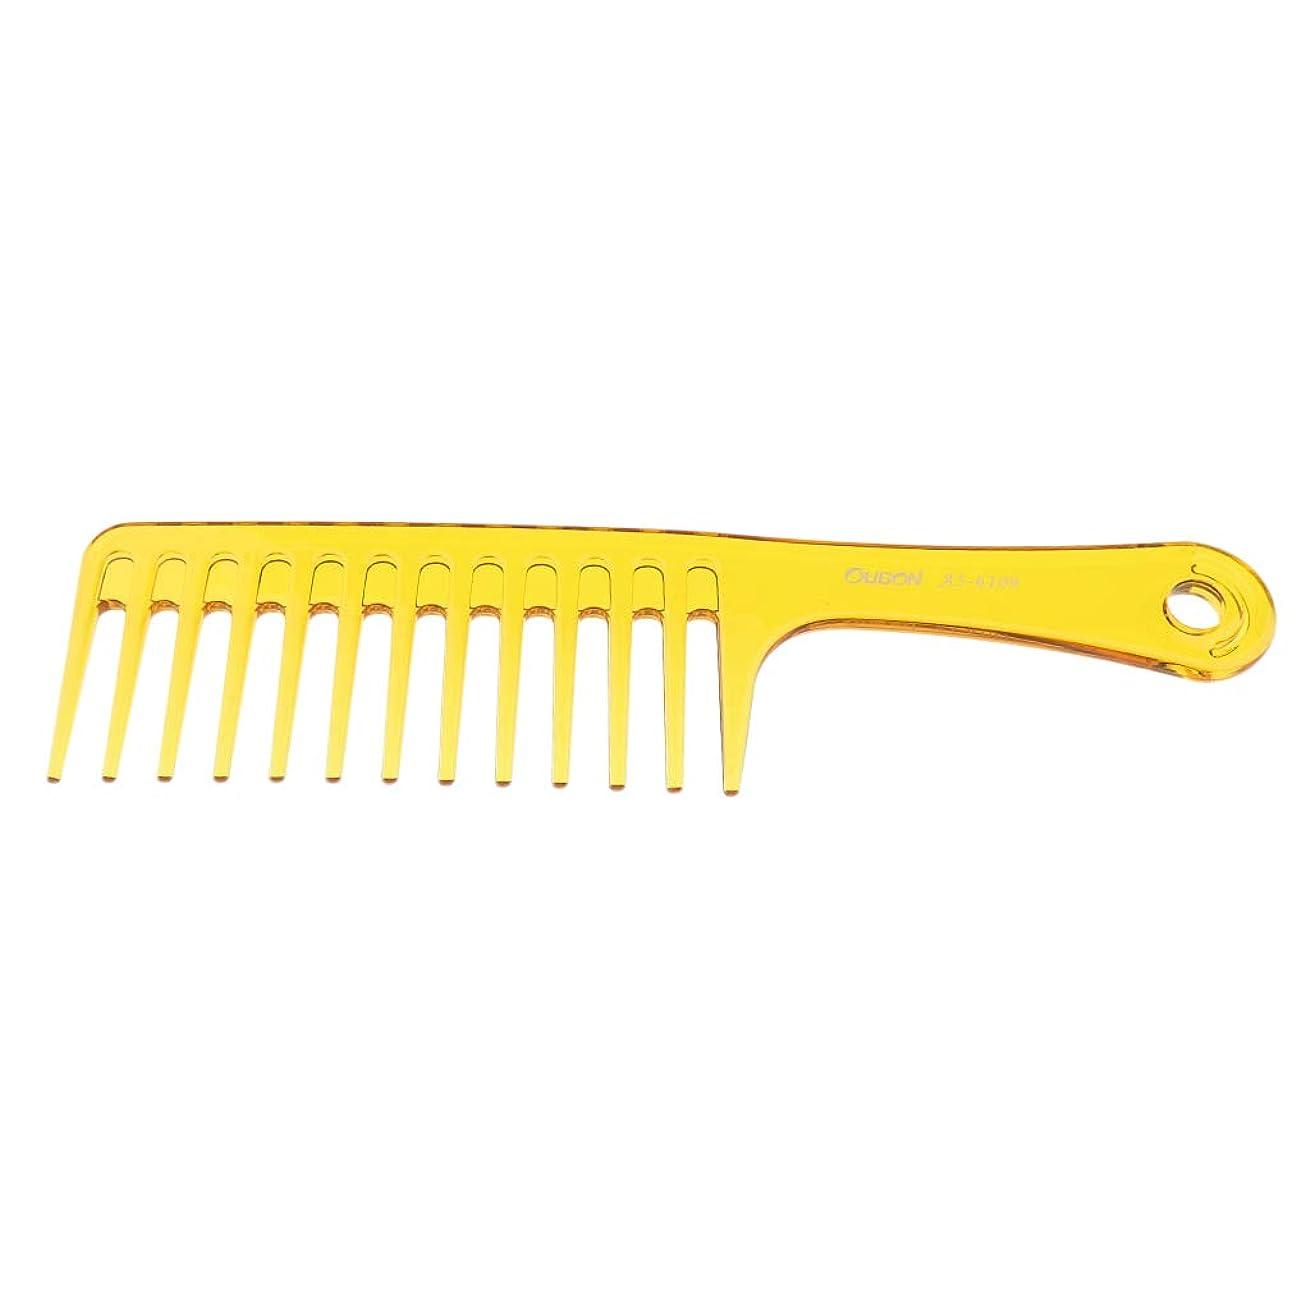 どれか頭蓋骨効果F Fityle ヘアブラシ 巻き毛太い髪 広い歯櫛 サロン ヘアスタイリング 2色選べ - 黄